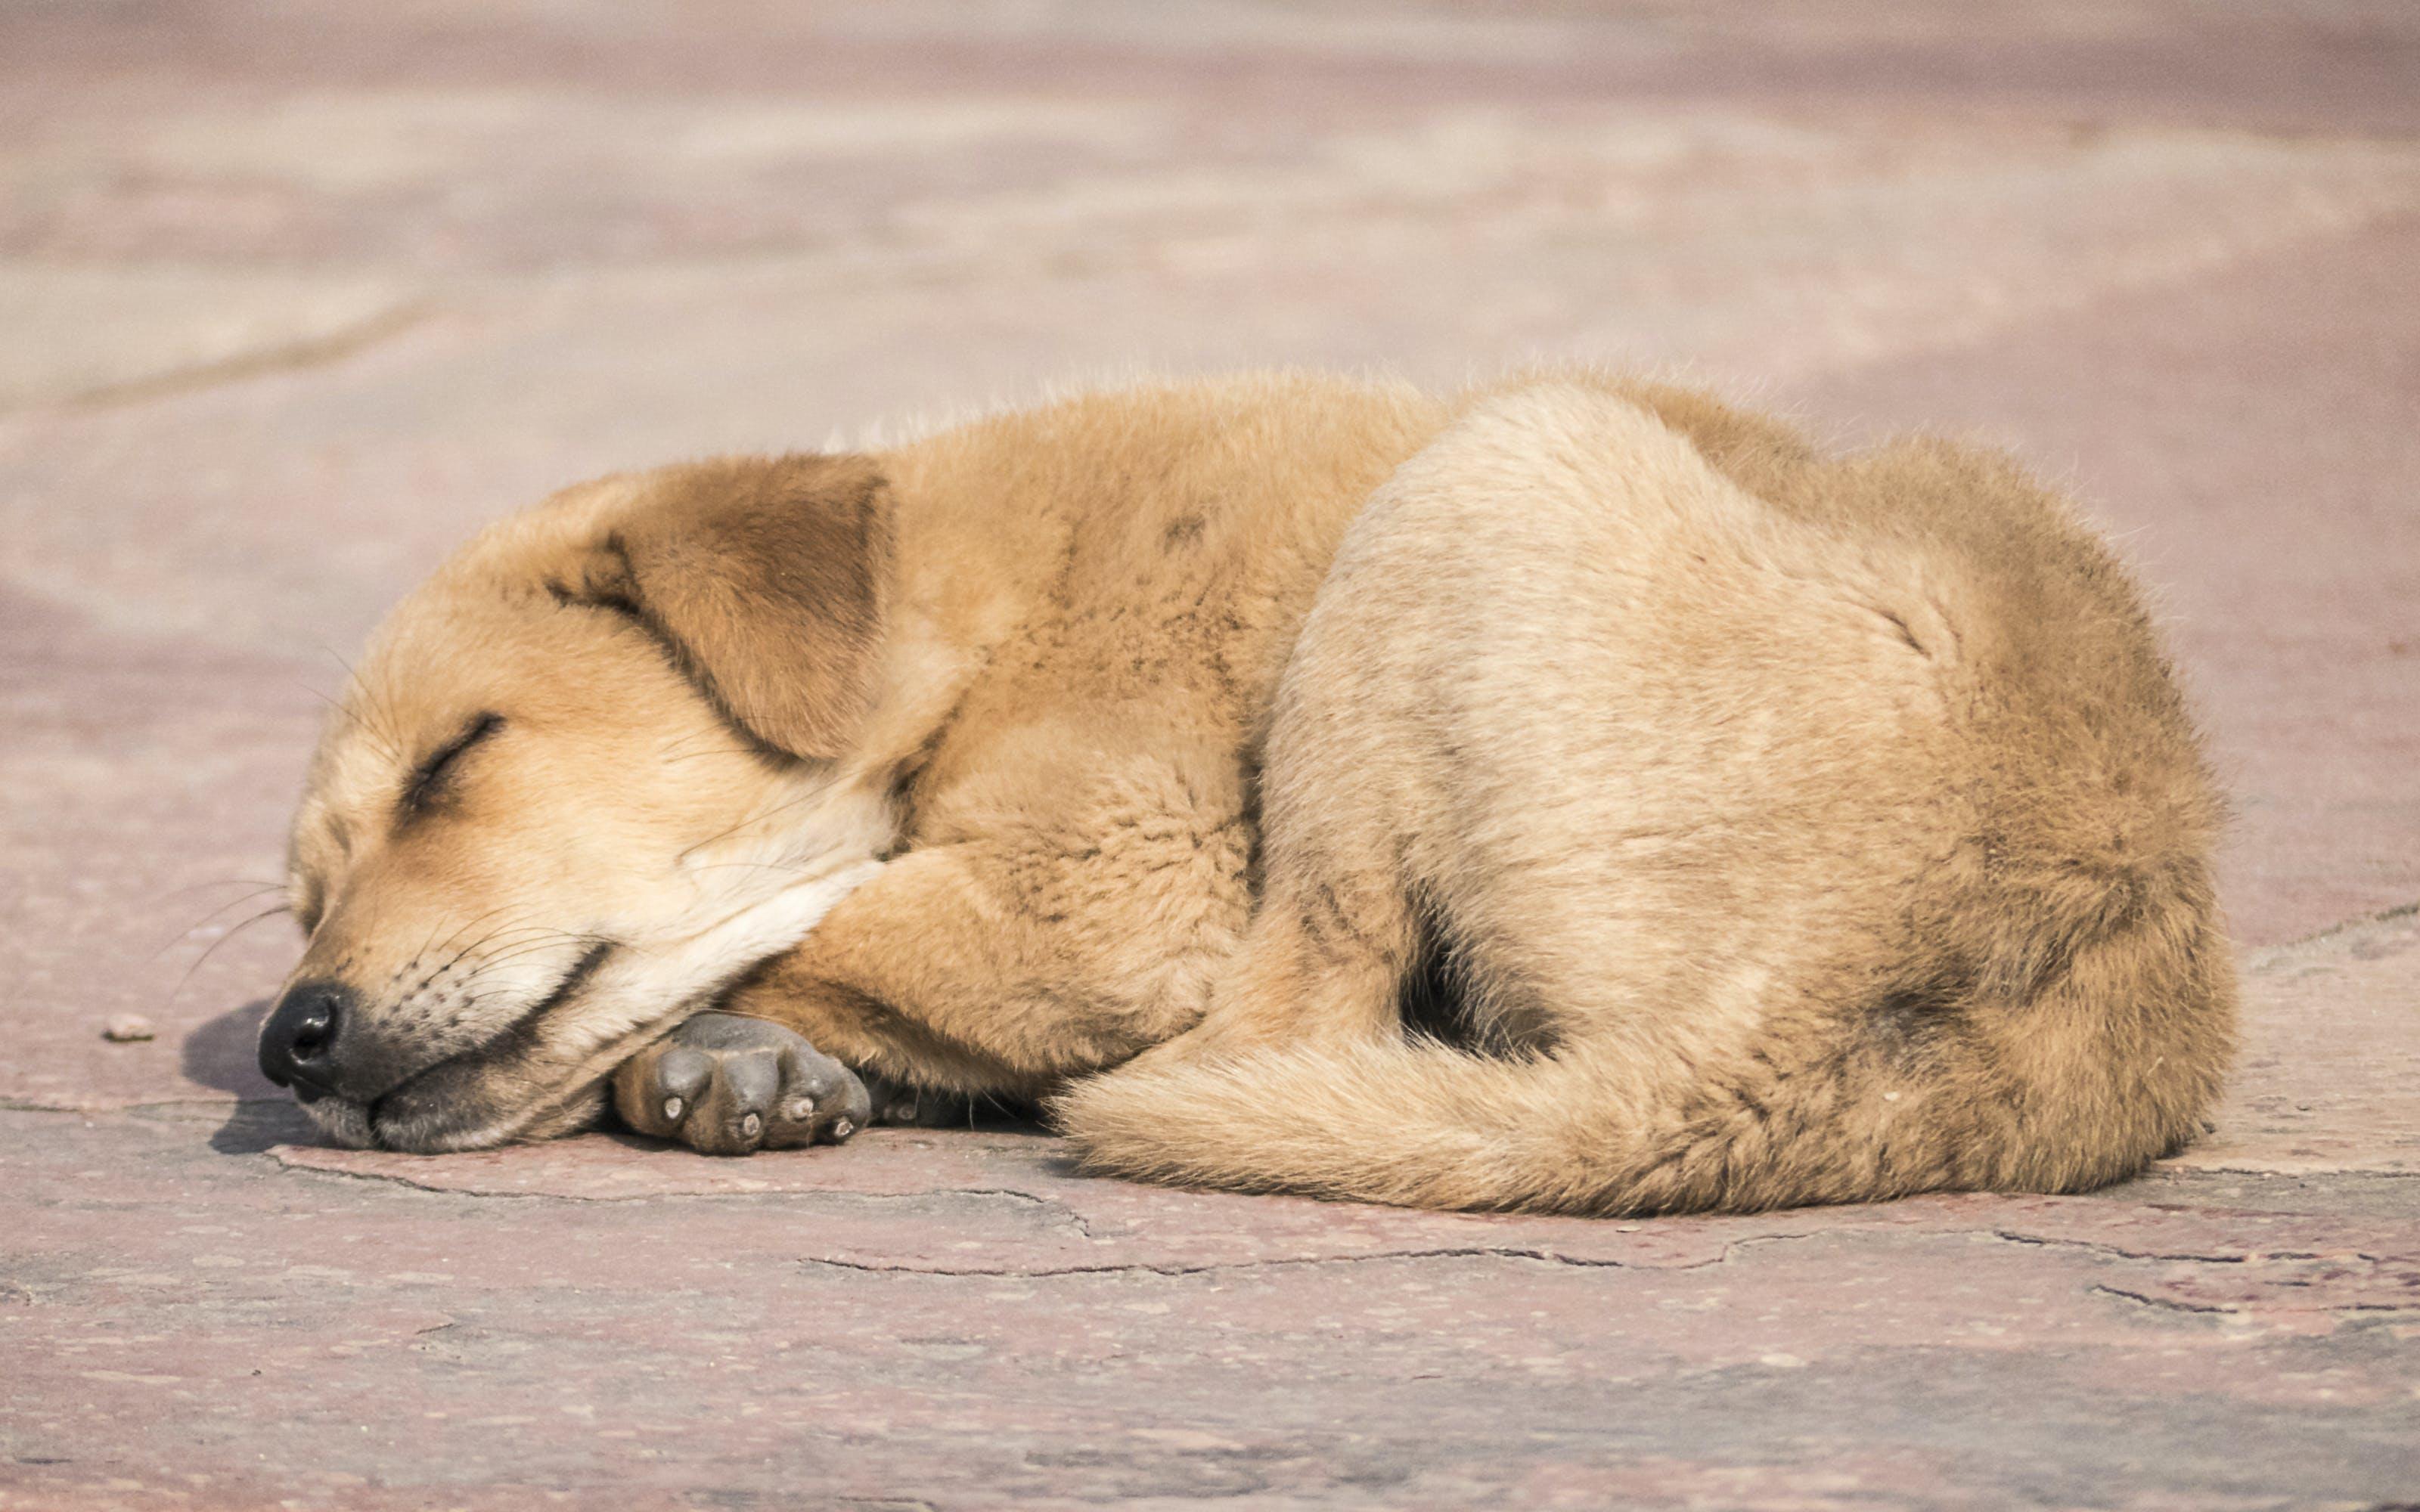 Δωρεάν στοκ φωτογραφιών με κοιμισμενος σκυλοσ